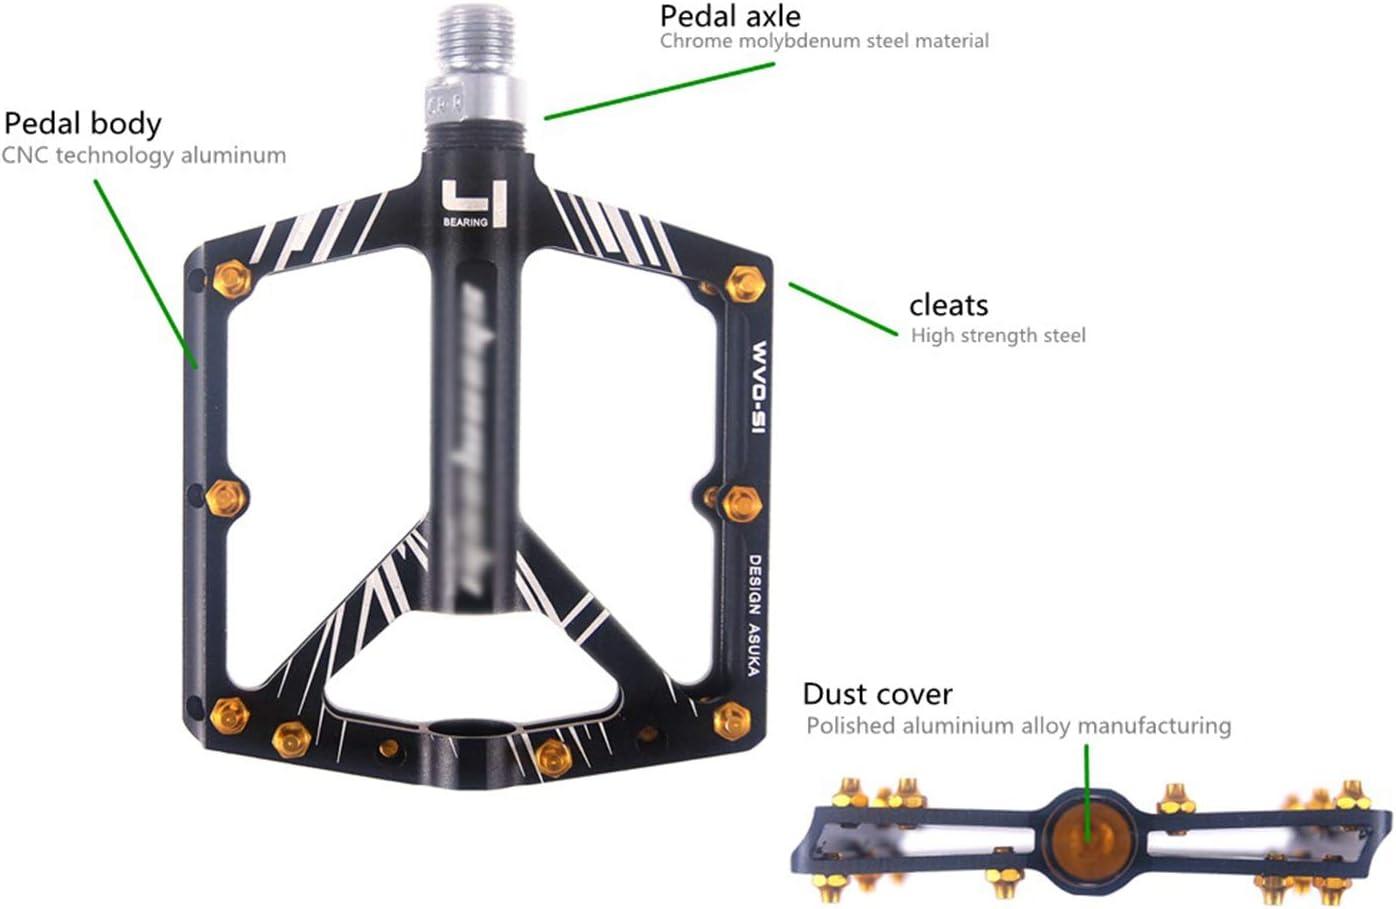 SPTIDY Fahrrad Pedalen Mountainbike Rennrad Fahrradpedale rutschfest Trekking Pedale mit Achsendurchmesser 9//16 Zoll MTB Pedale mit Ultralight Aluminiumlegierung Platform und 4 Abgedichtete L/äger